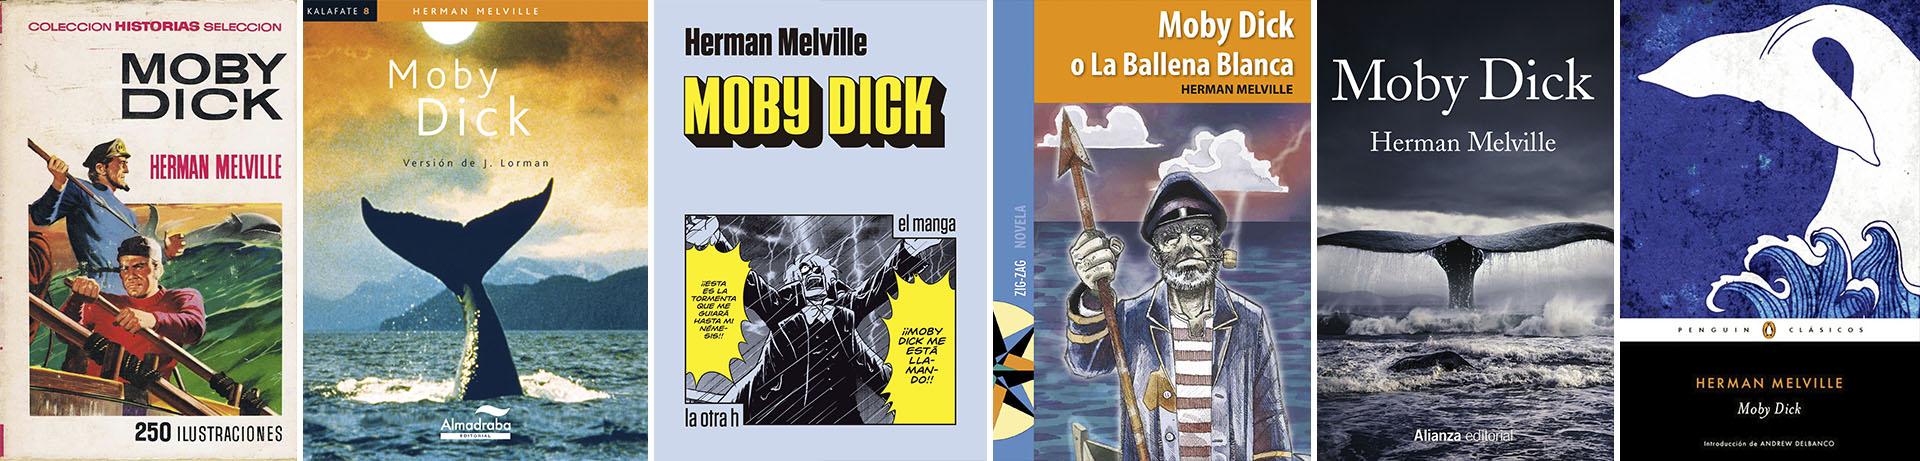 Diferentes ediciones de Moby Dick en español